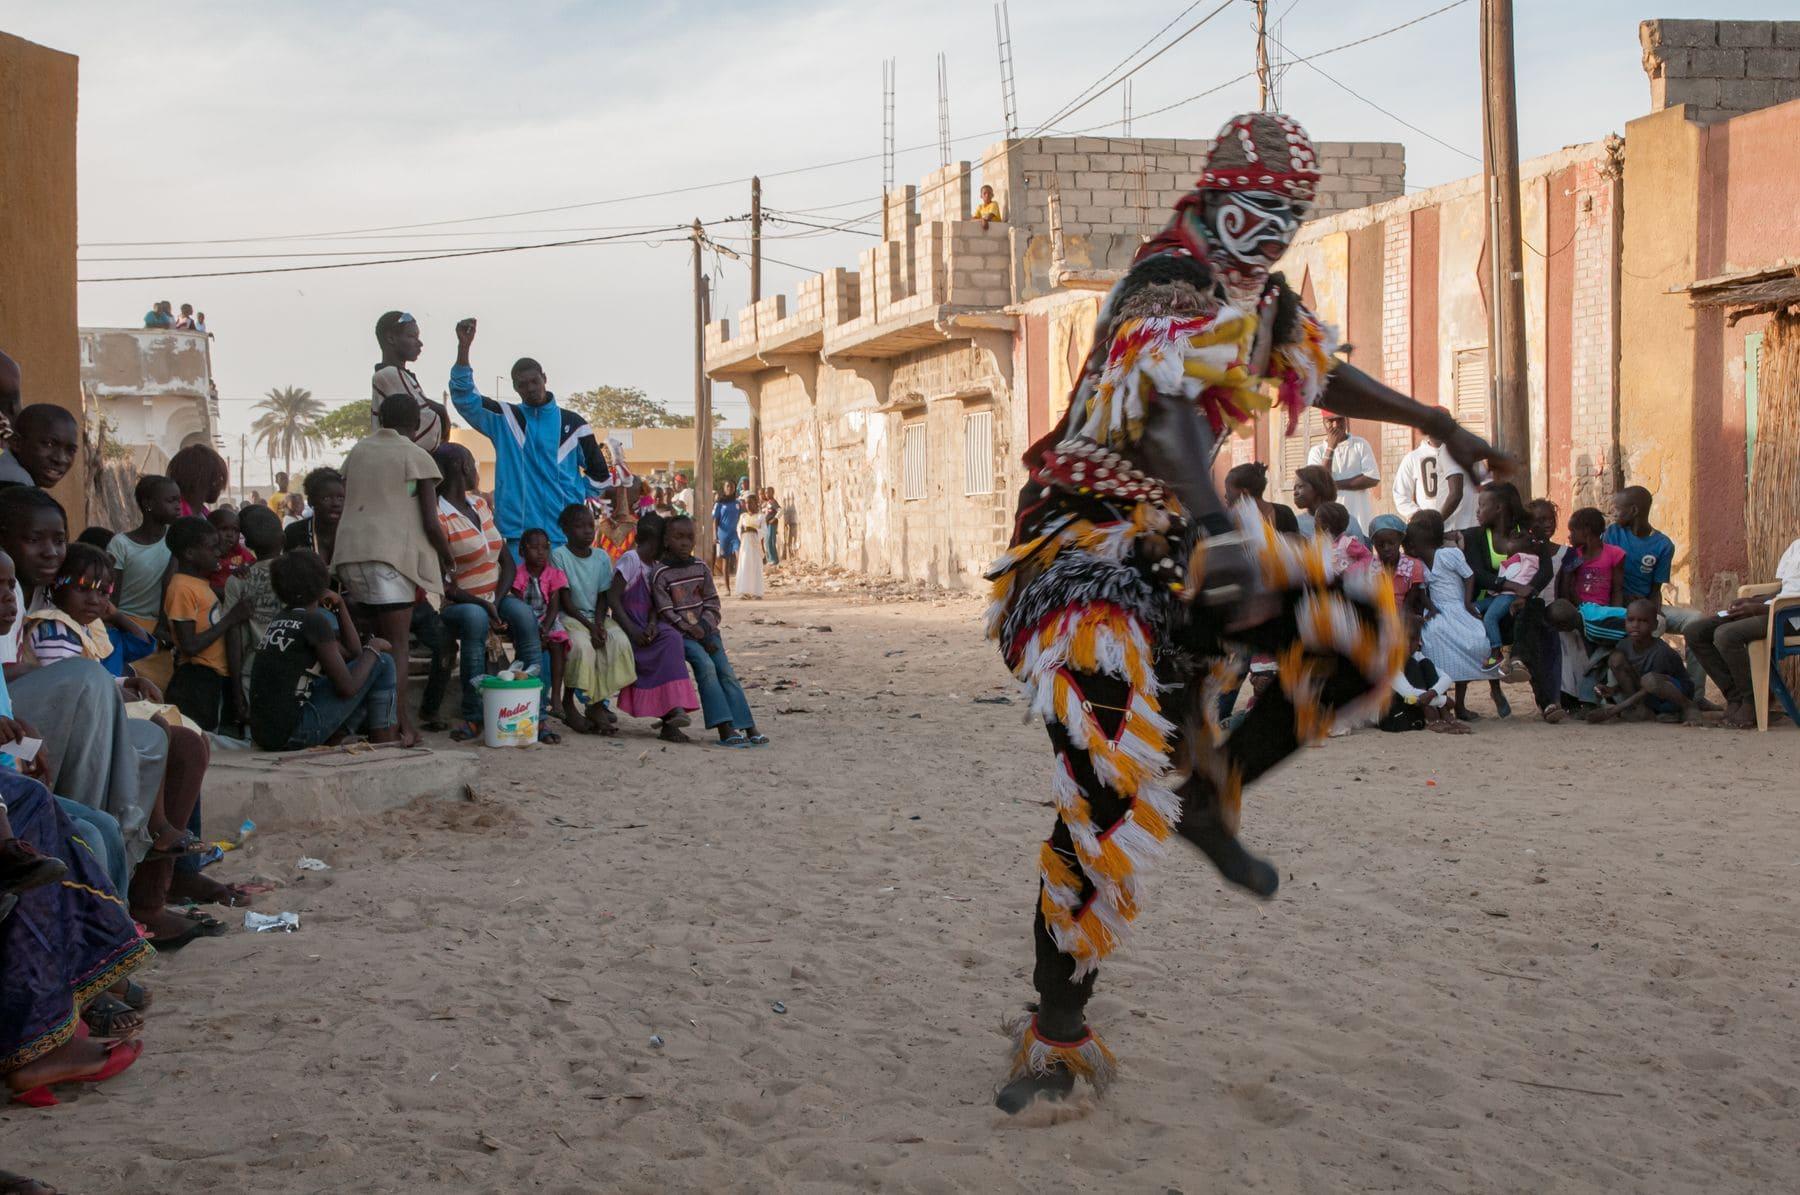 MichelAycaguer-LeSimb-LeFauxLion-SaintLouis-Senegal-56